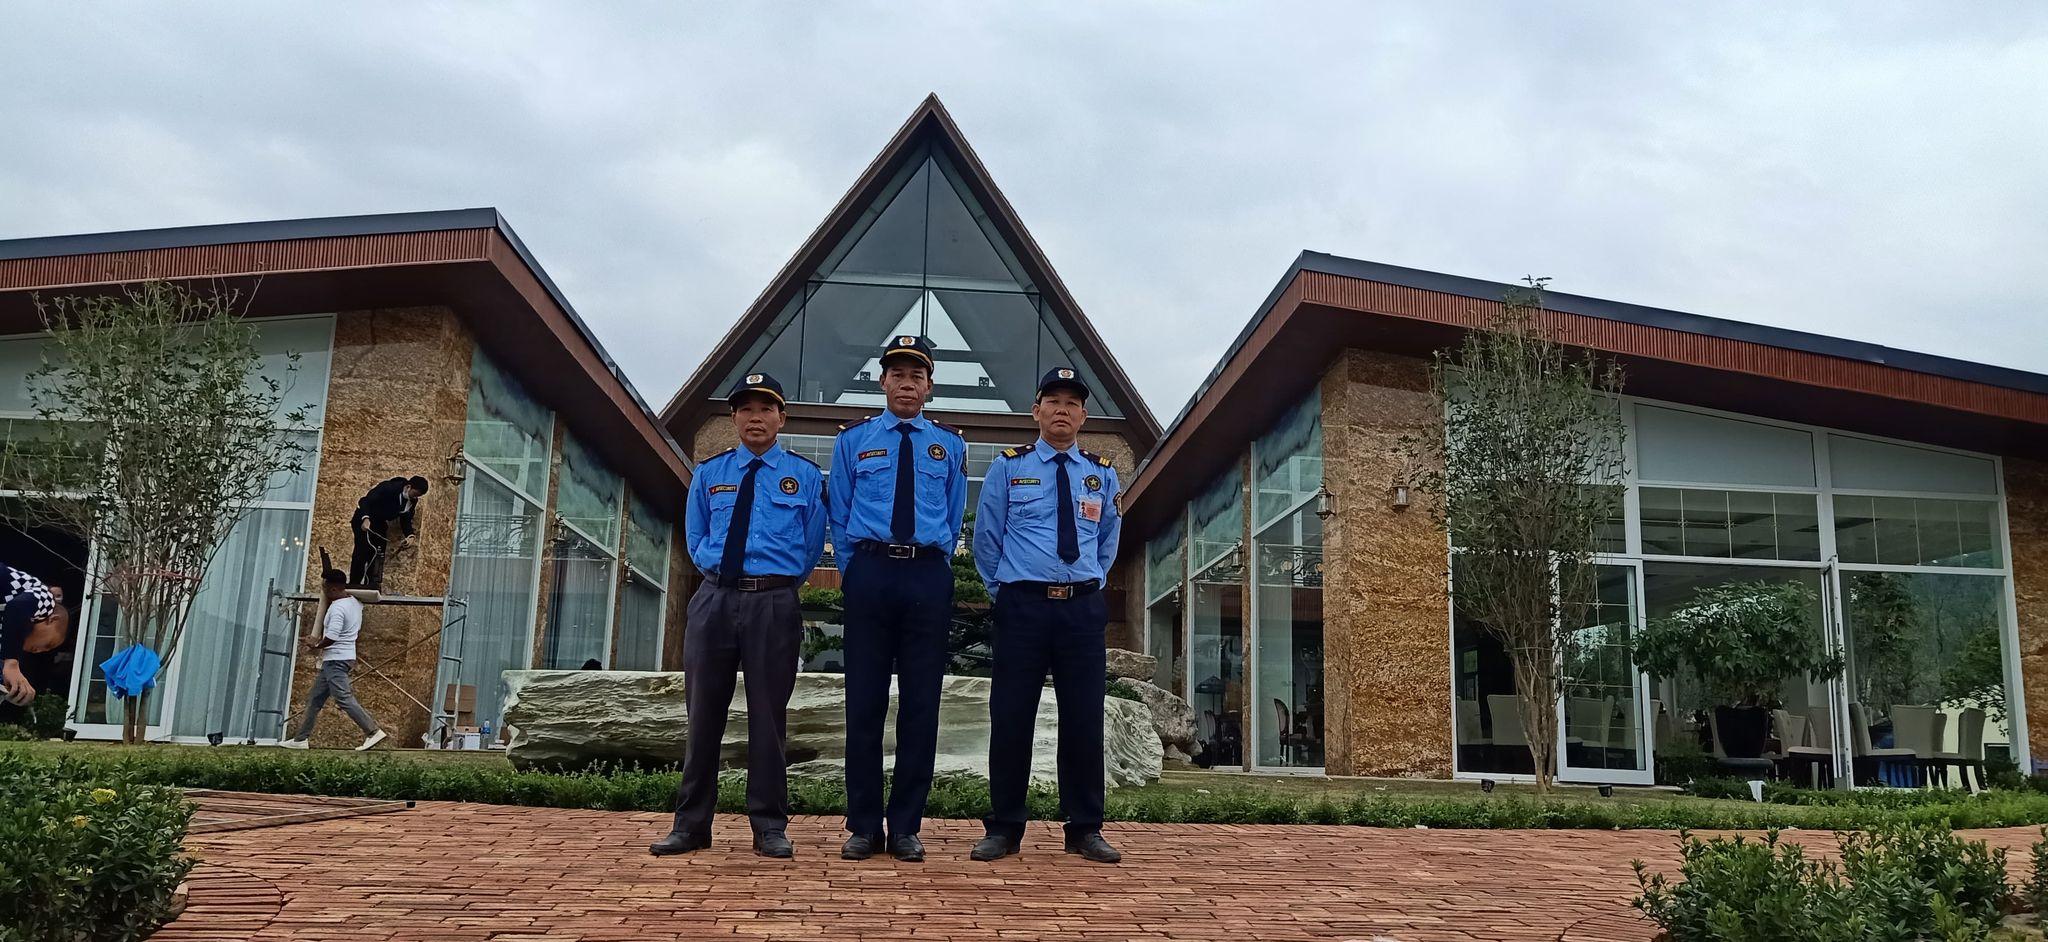 Triển khai dịch vụ bảo vệ chuyên nghiệp tại Khu nghỉ dưỡng sinh thái cao cấp Đền Gióng - Sóc Sơn - Hà nội.